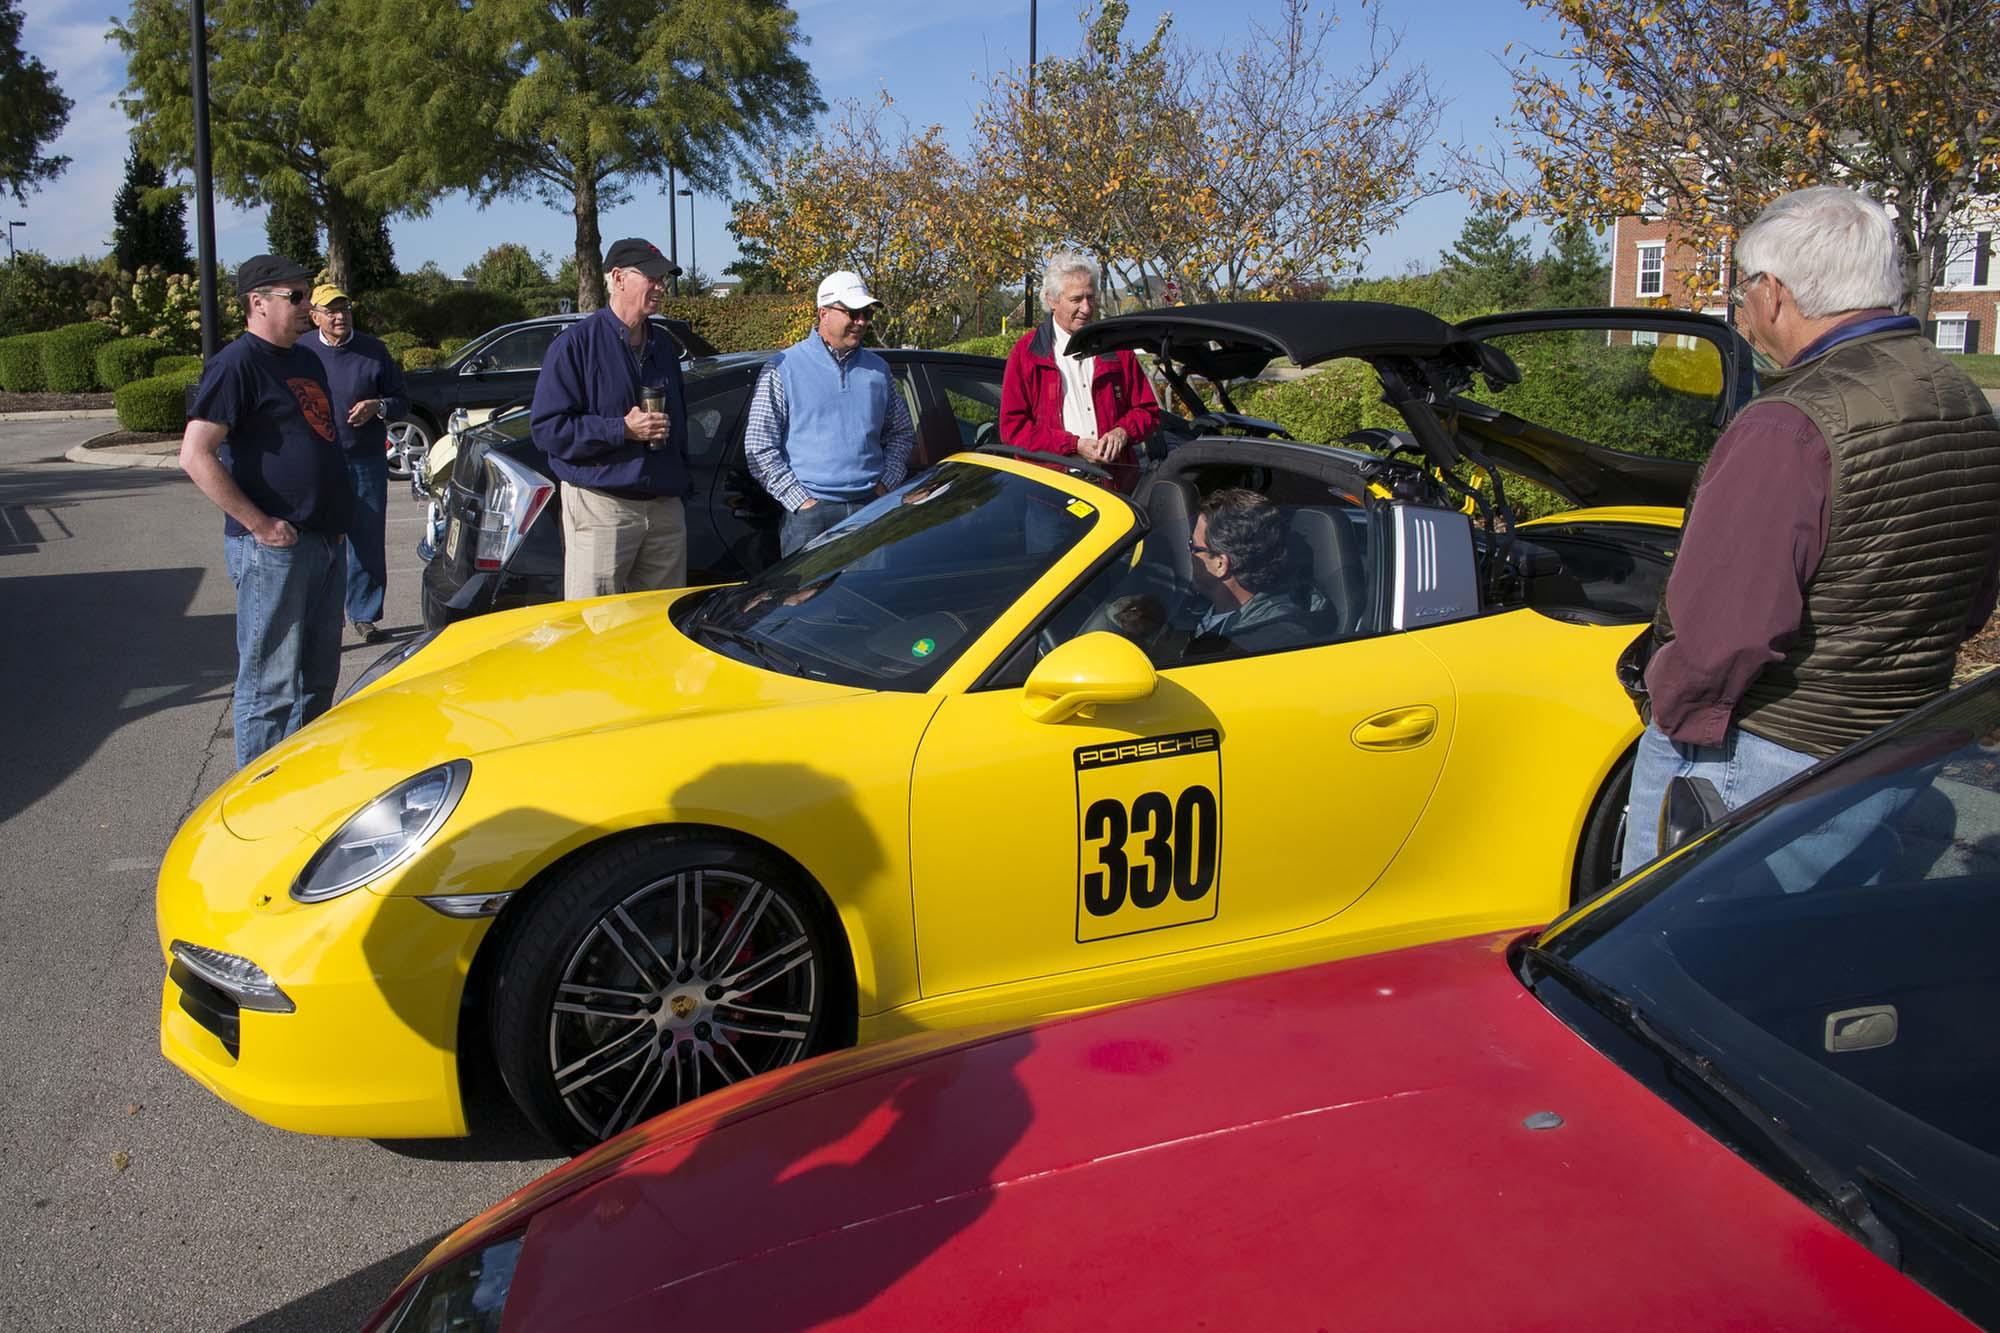 Porsche C&C at Ramseys. Oct 10, 12015  Photo by Joseph Rey Au